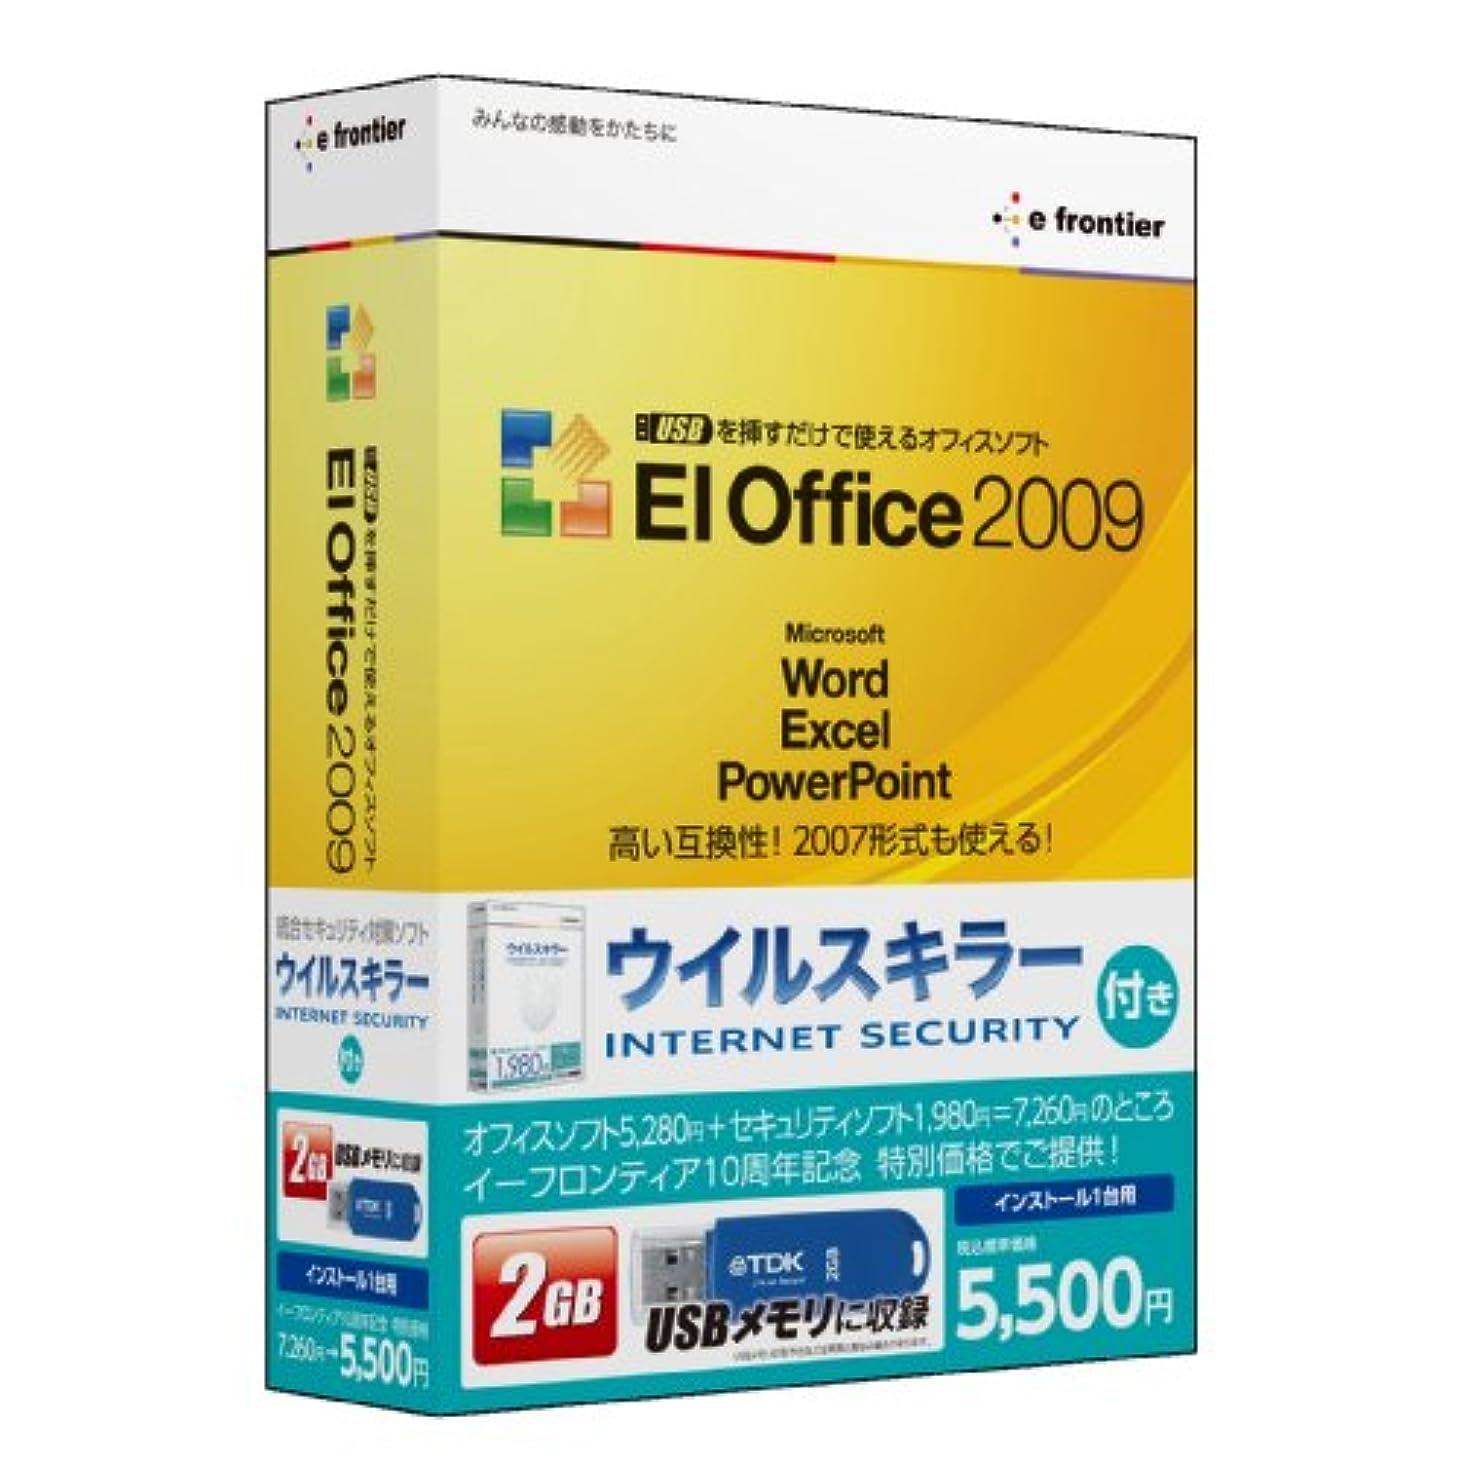 抑圧永遠の引き出すUSBを挿すだけで使えるオフィスソフト EIOffice2009 セキュリティパック